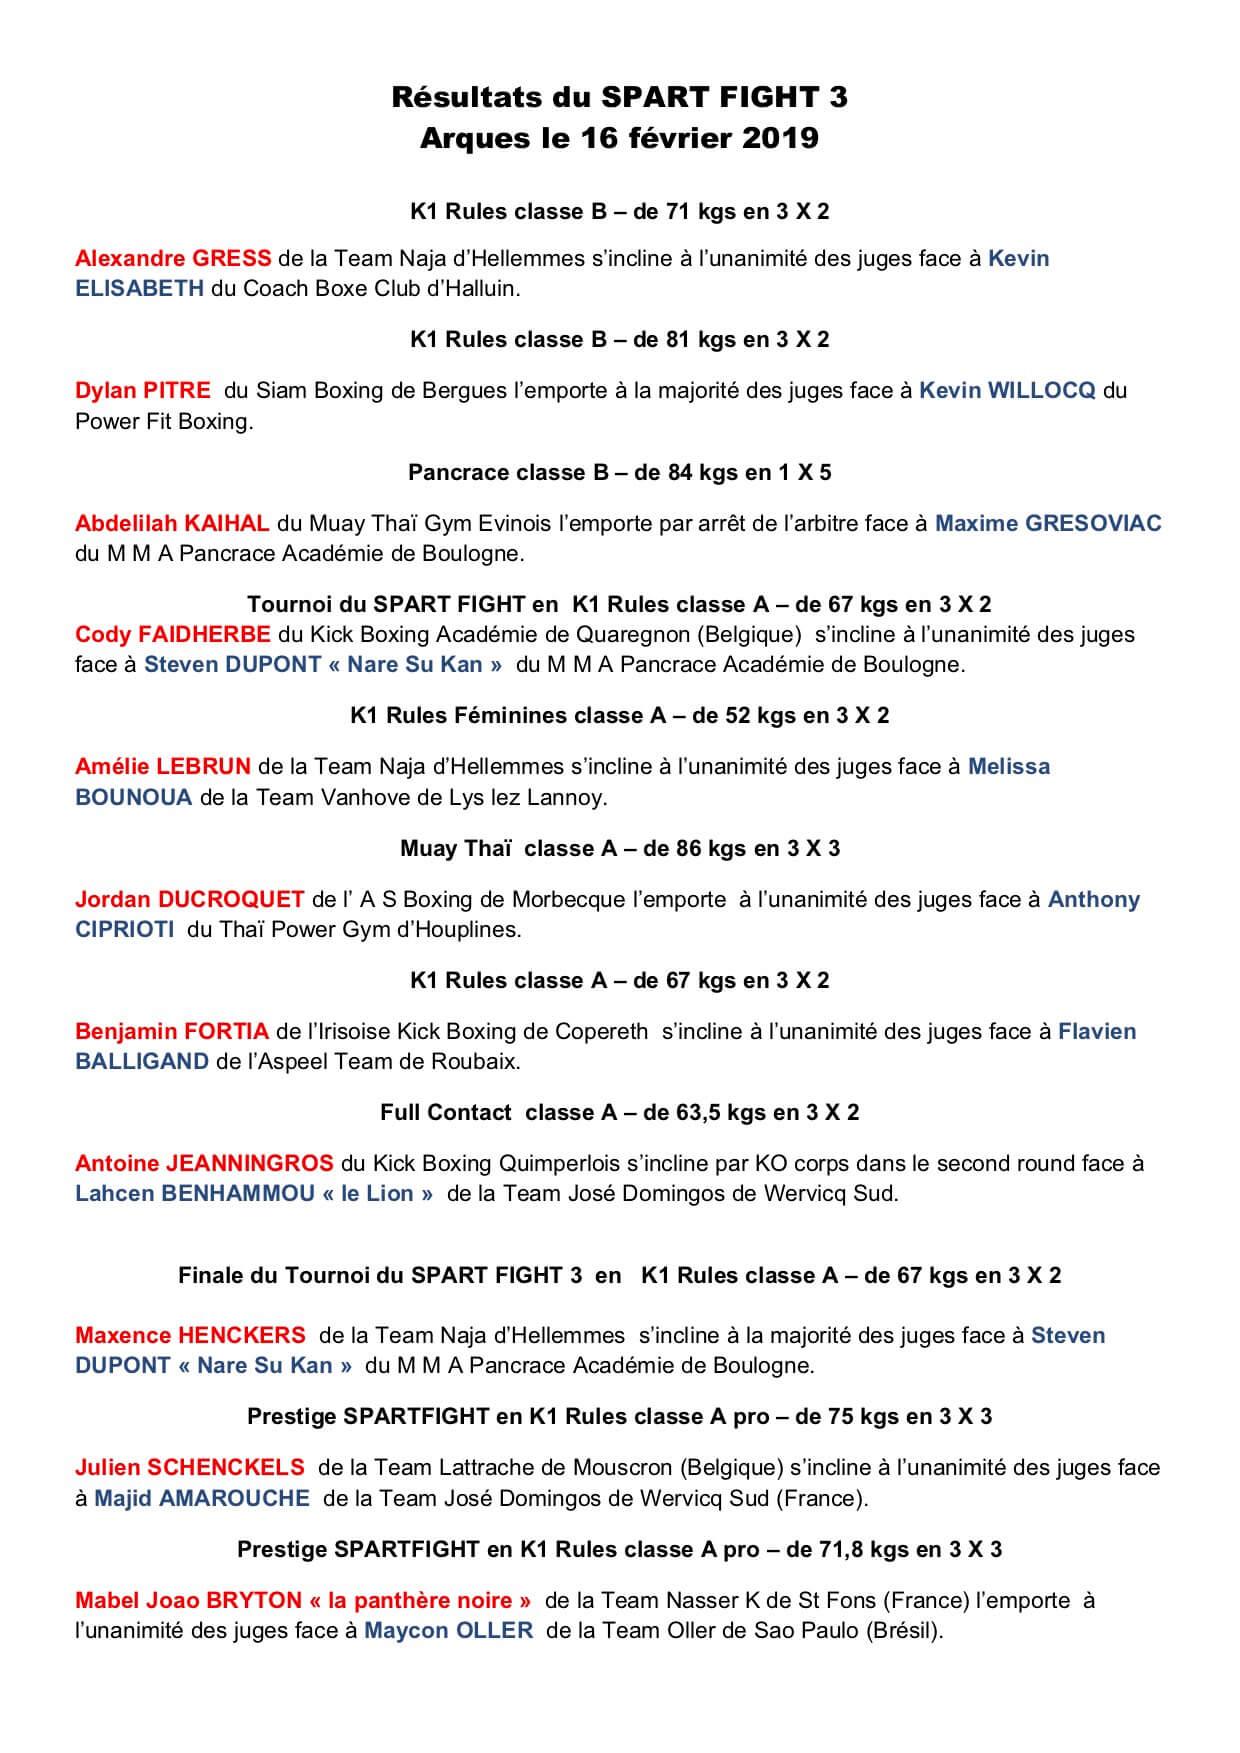 Spart'Fight 3, les résultats